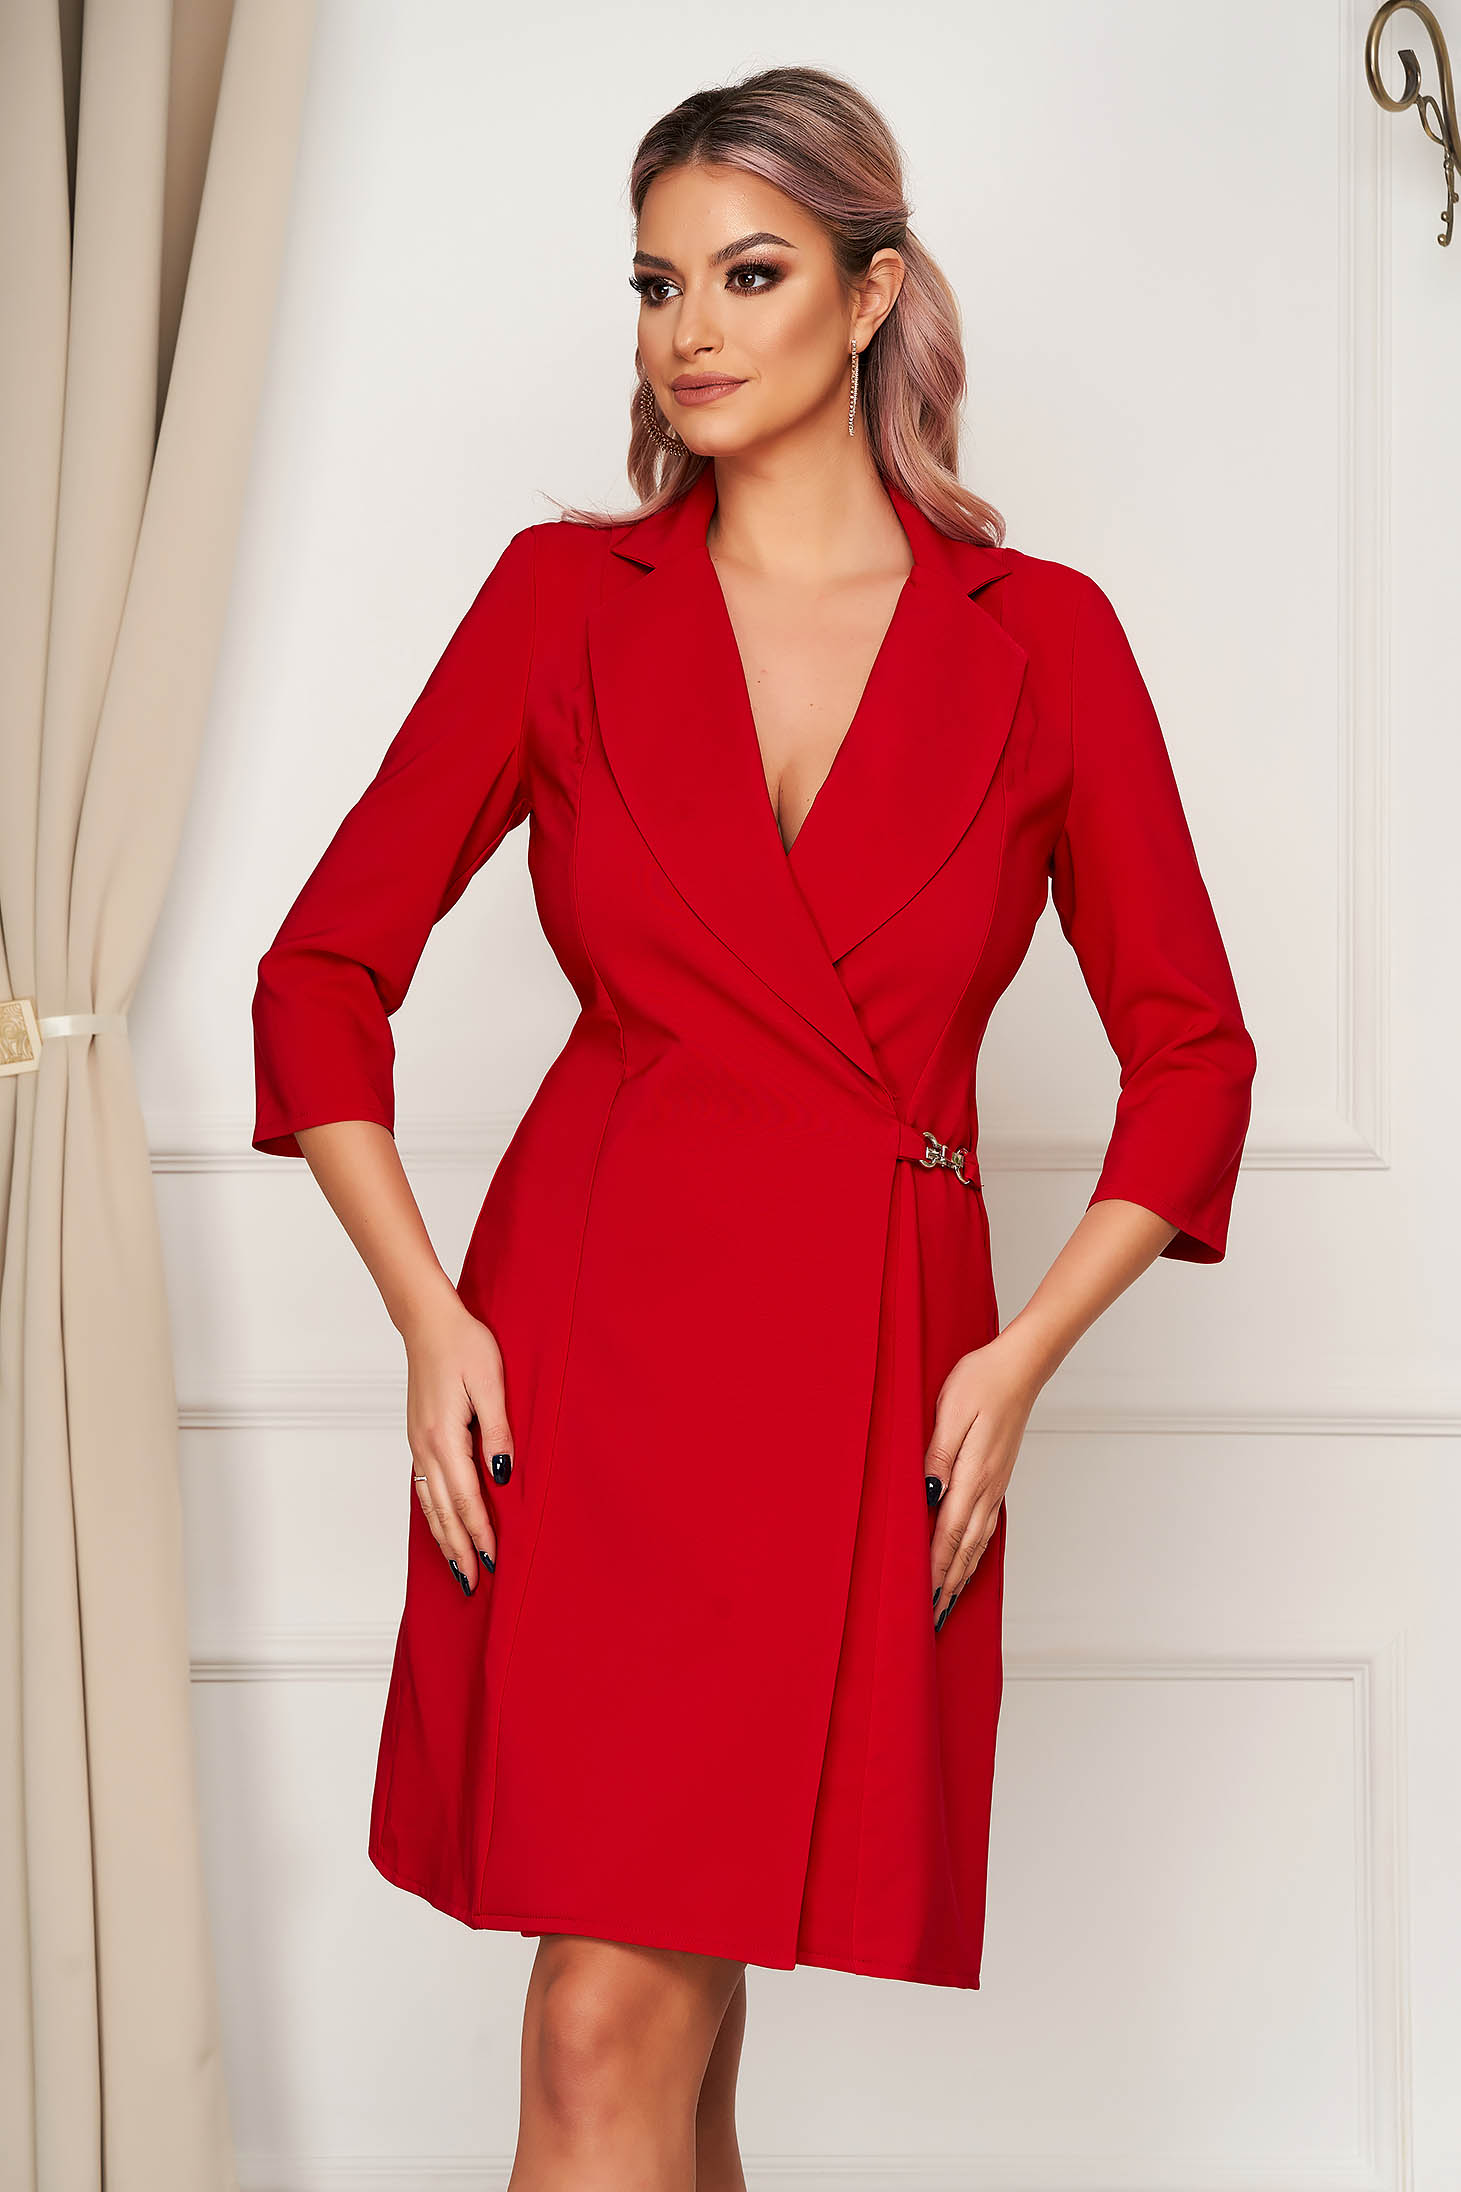 Rochie rosie cu croi in a eleganta scurta petrecuta din stofa material subtire